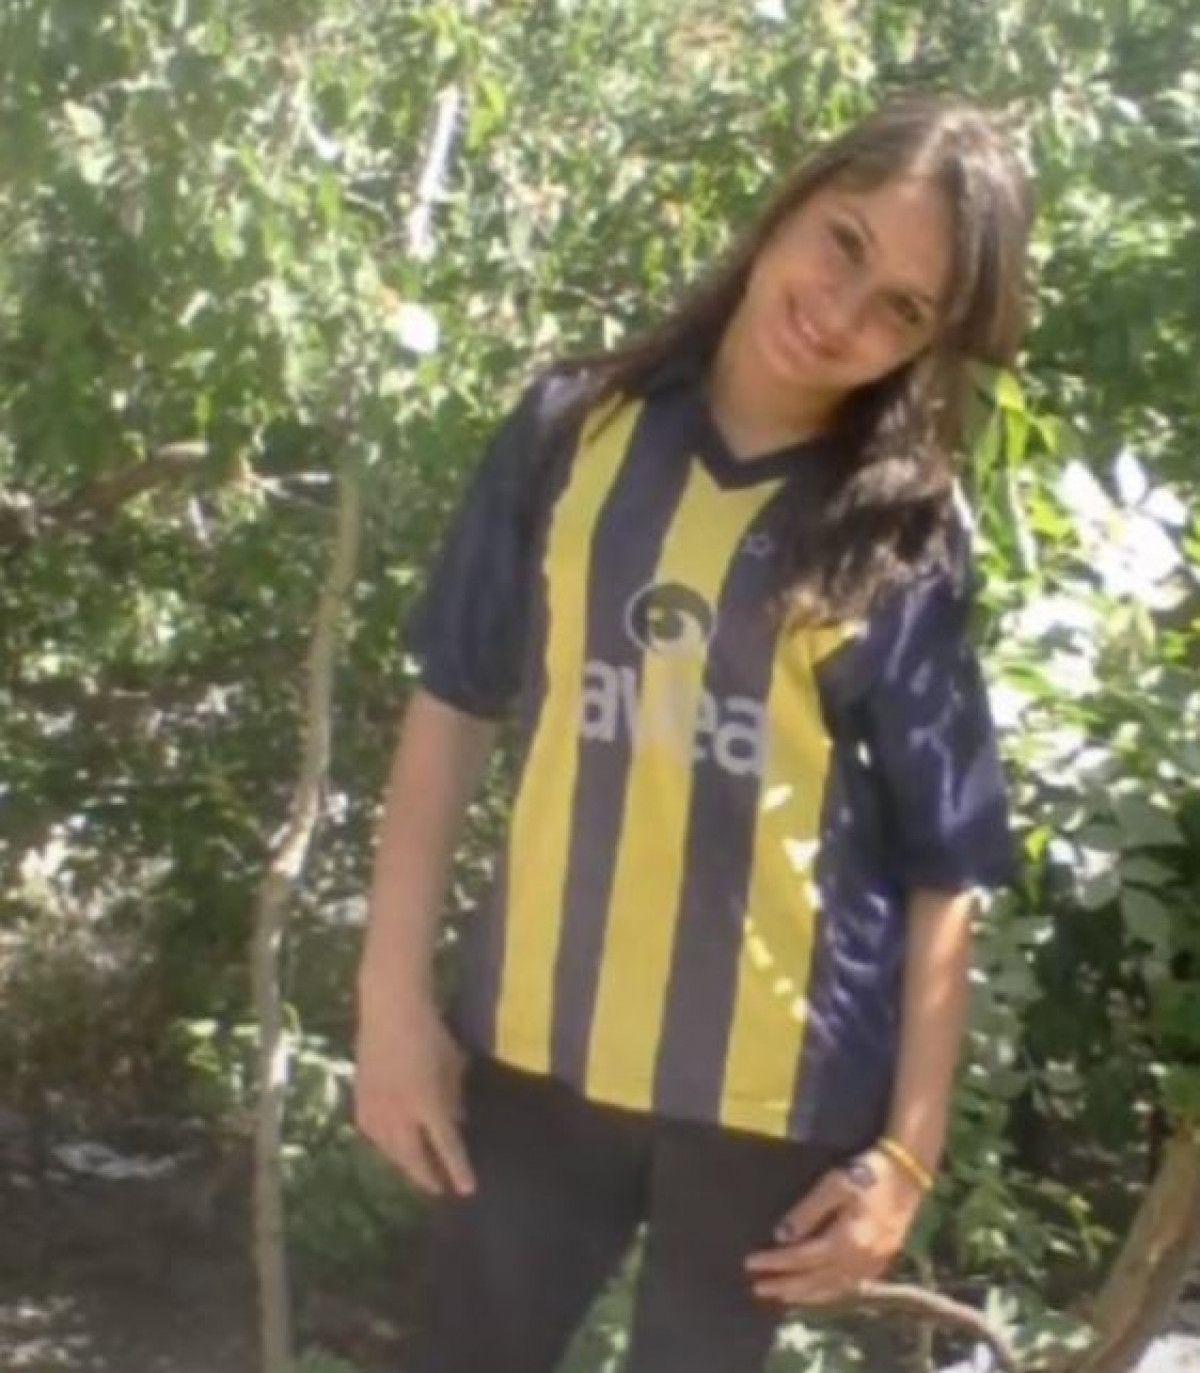 Hakkari de HDP yi protesto eden baba, kızının polis olmak istediğini söyledi #10